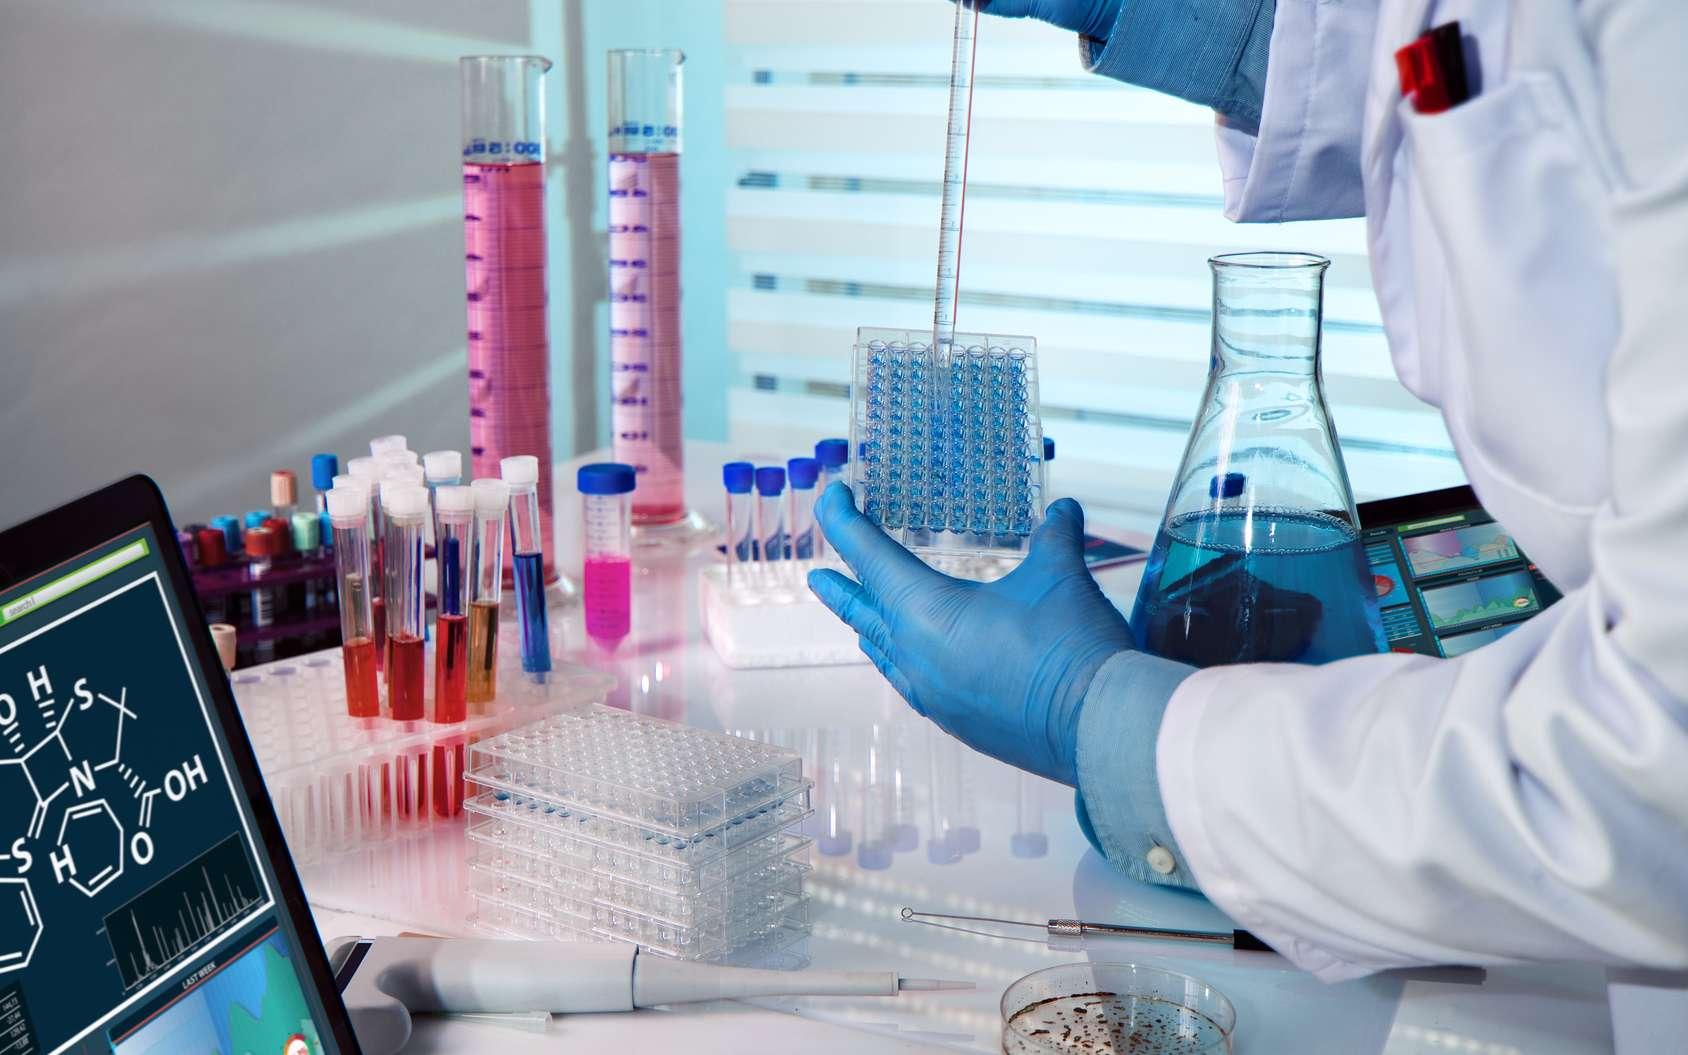 A la fois informaticien et scientifique, le bio-informaticien doit savoir passer du laboratoire à son bureau. © angellodeco, Fotolia.